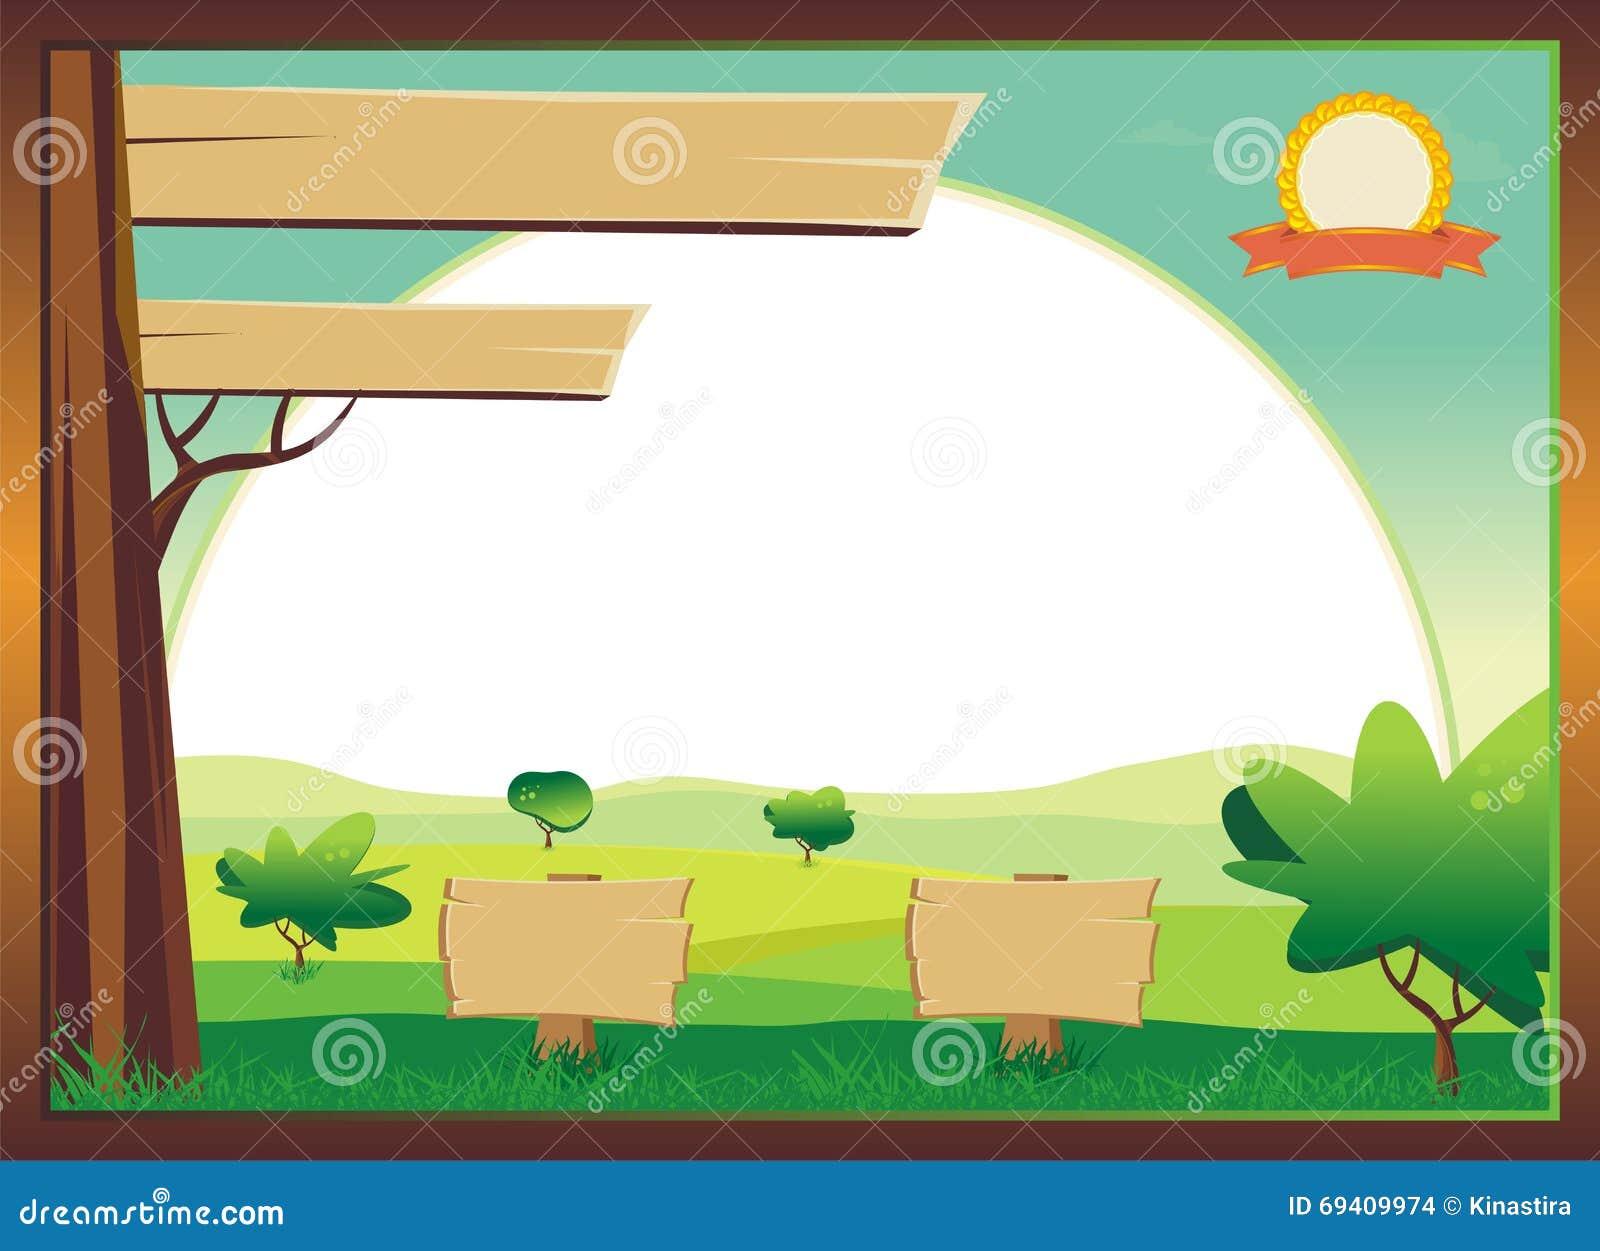 Preschool Elementary Kindergarten Diploma Certificate